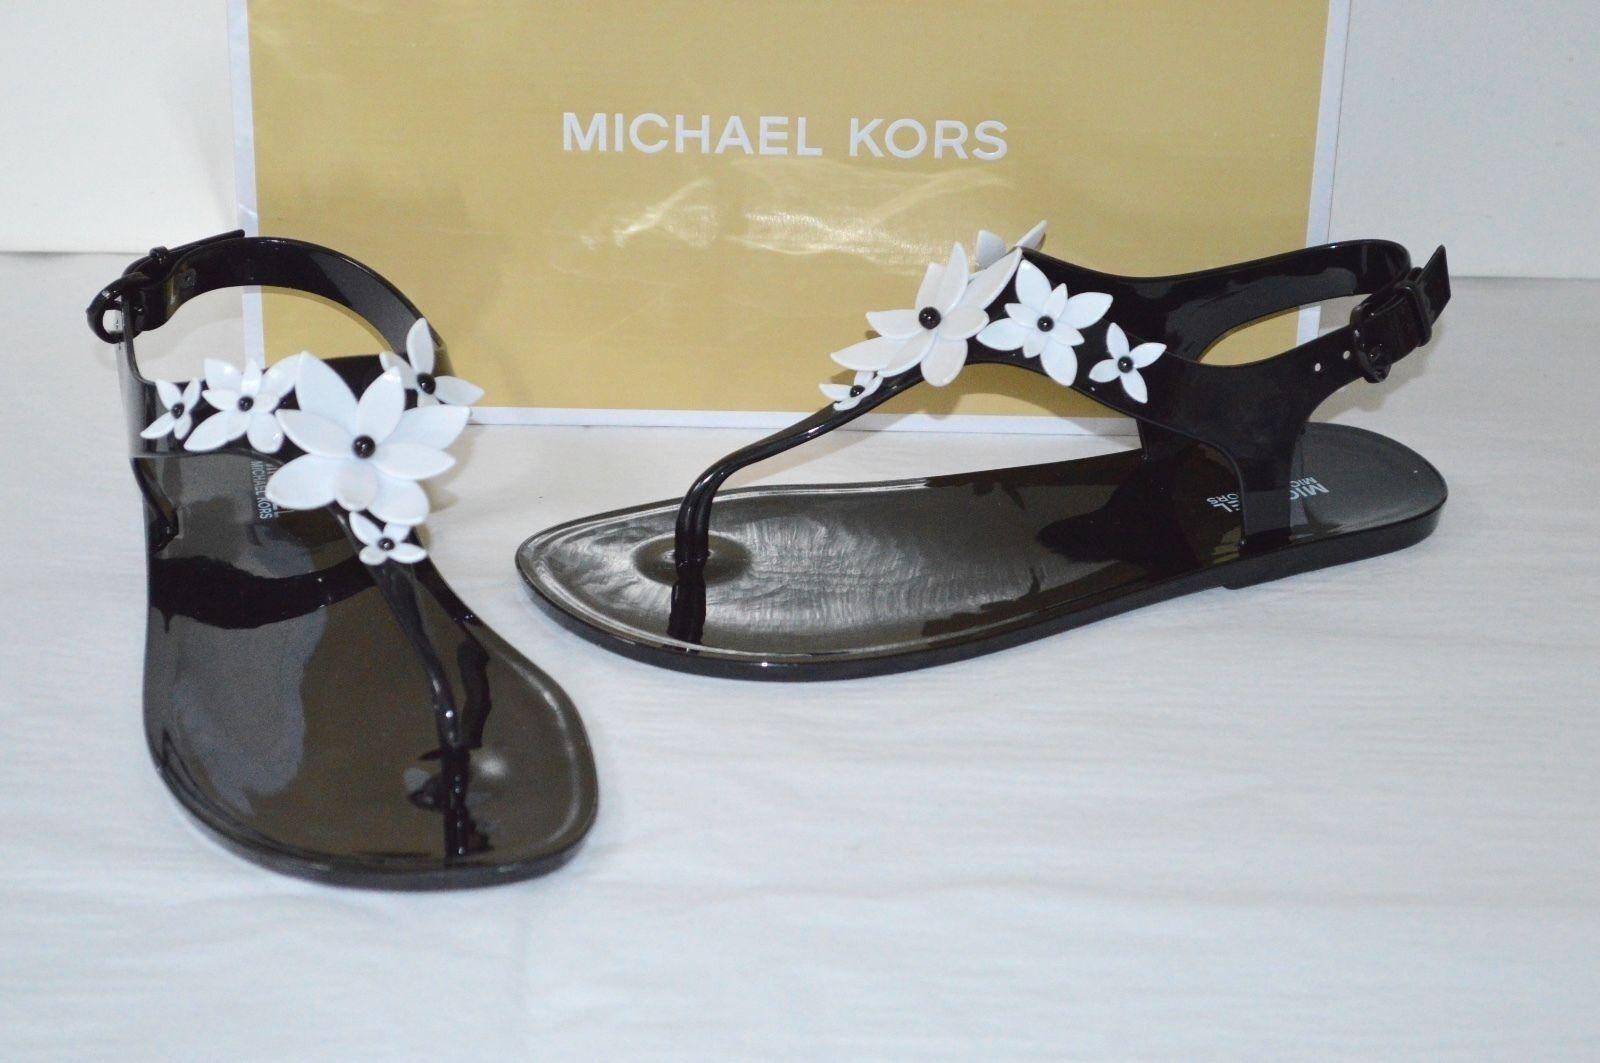 da1b56ed546d Michael Kors Lola Jelly Thong PVC Sandal Black Optic White Flower ...